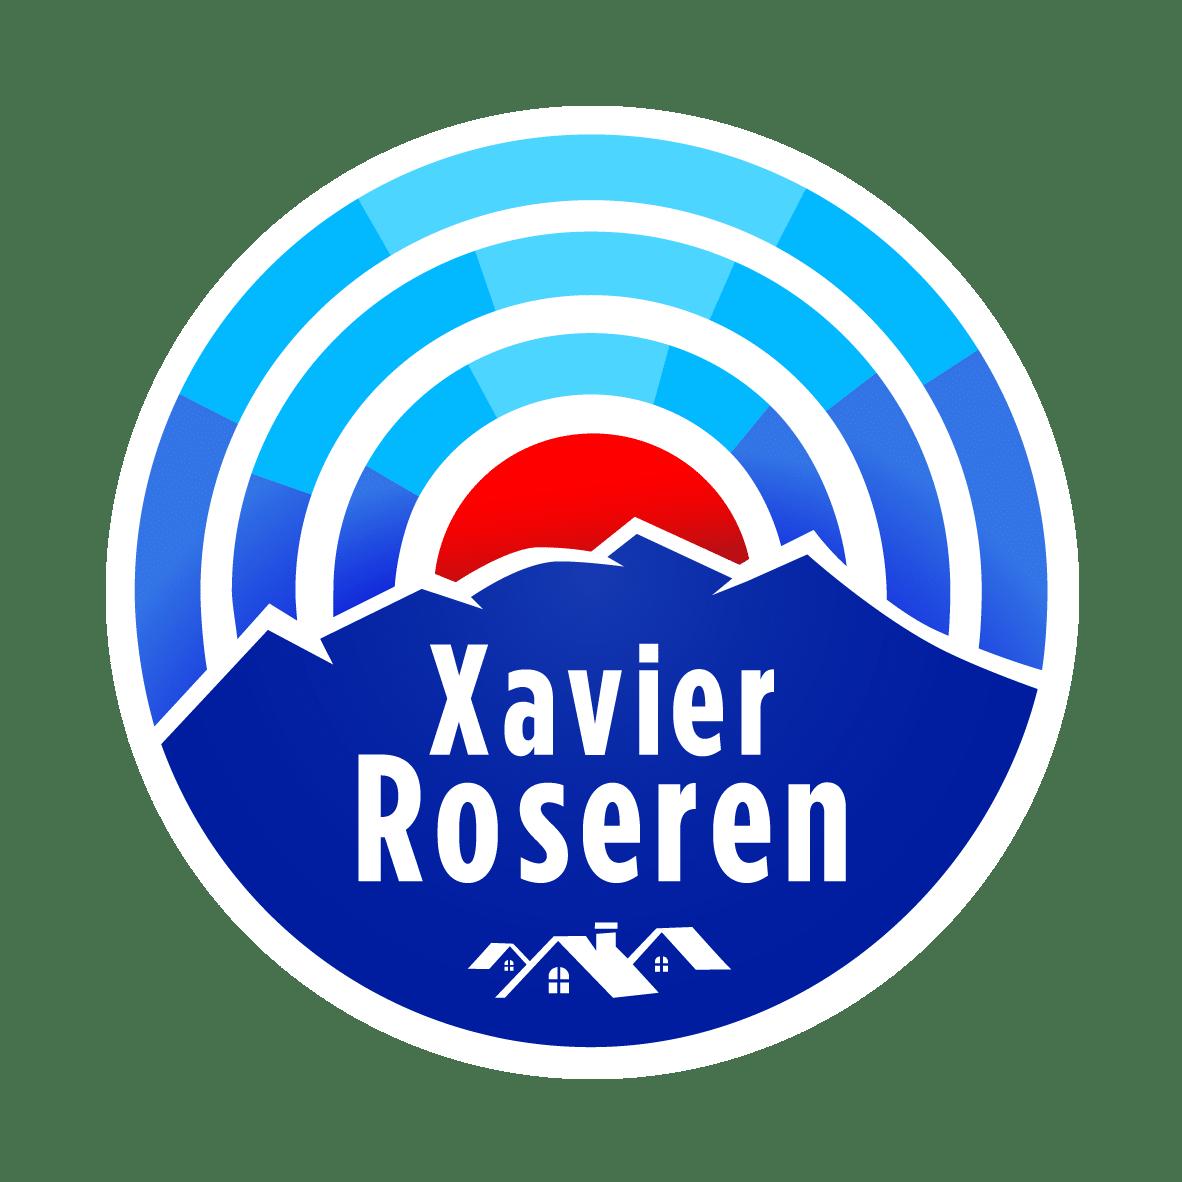 Xavier Roseren, député de la Haute-Savoie